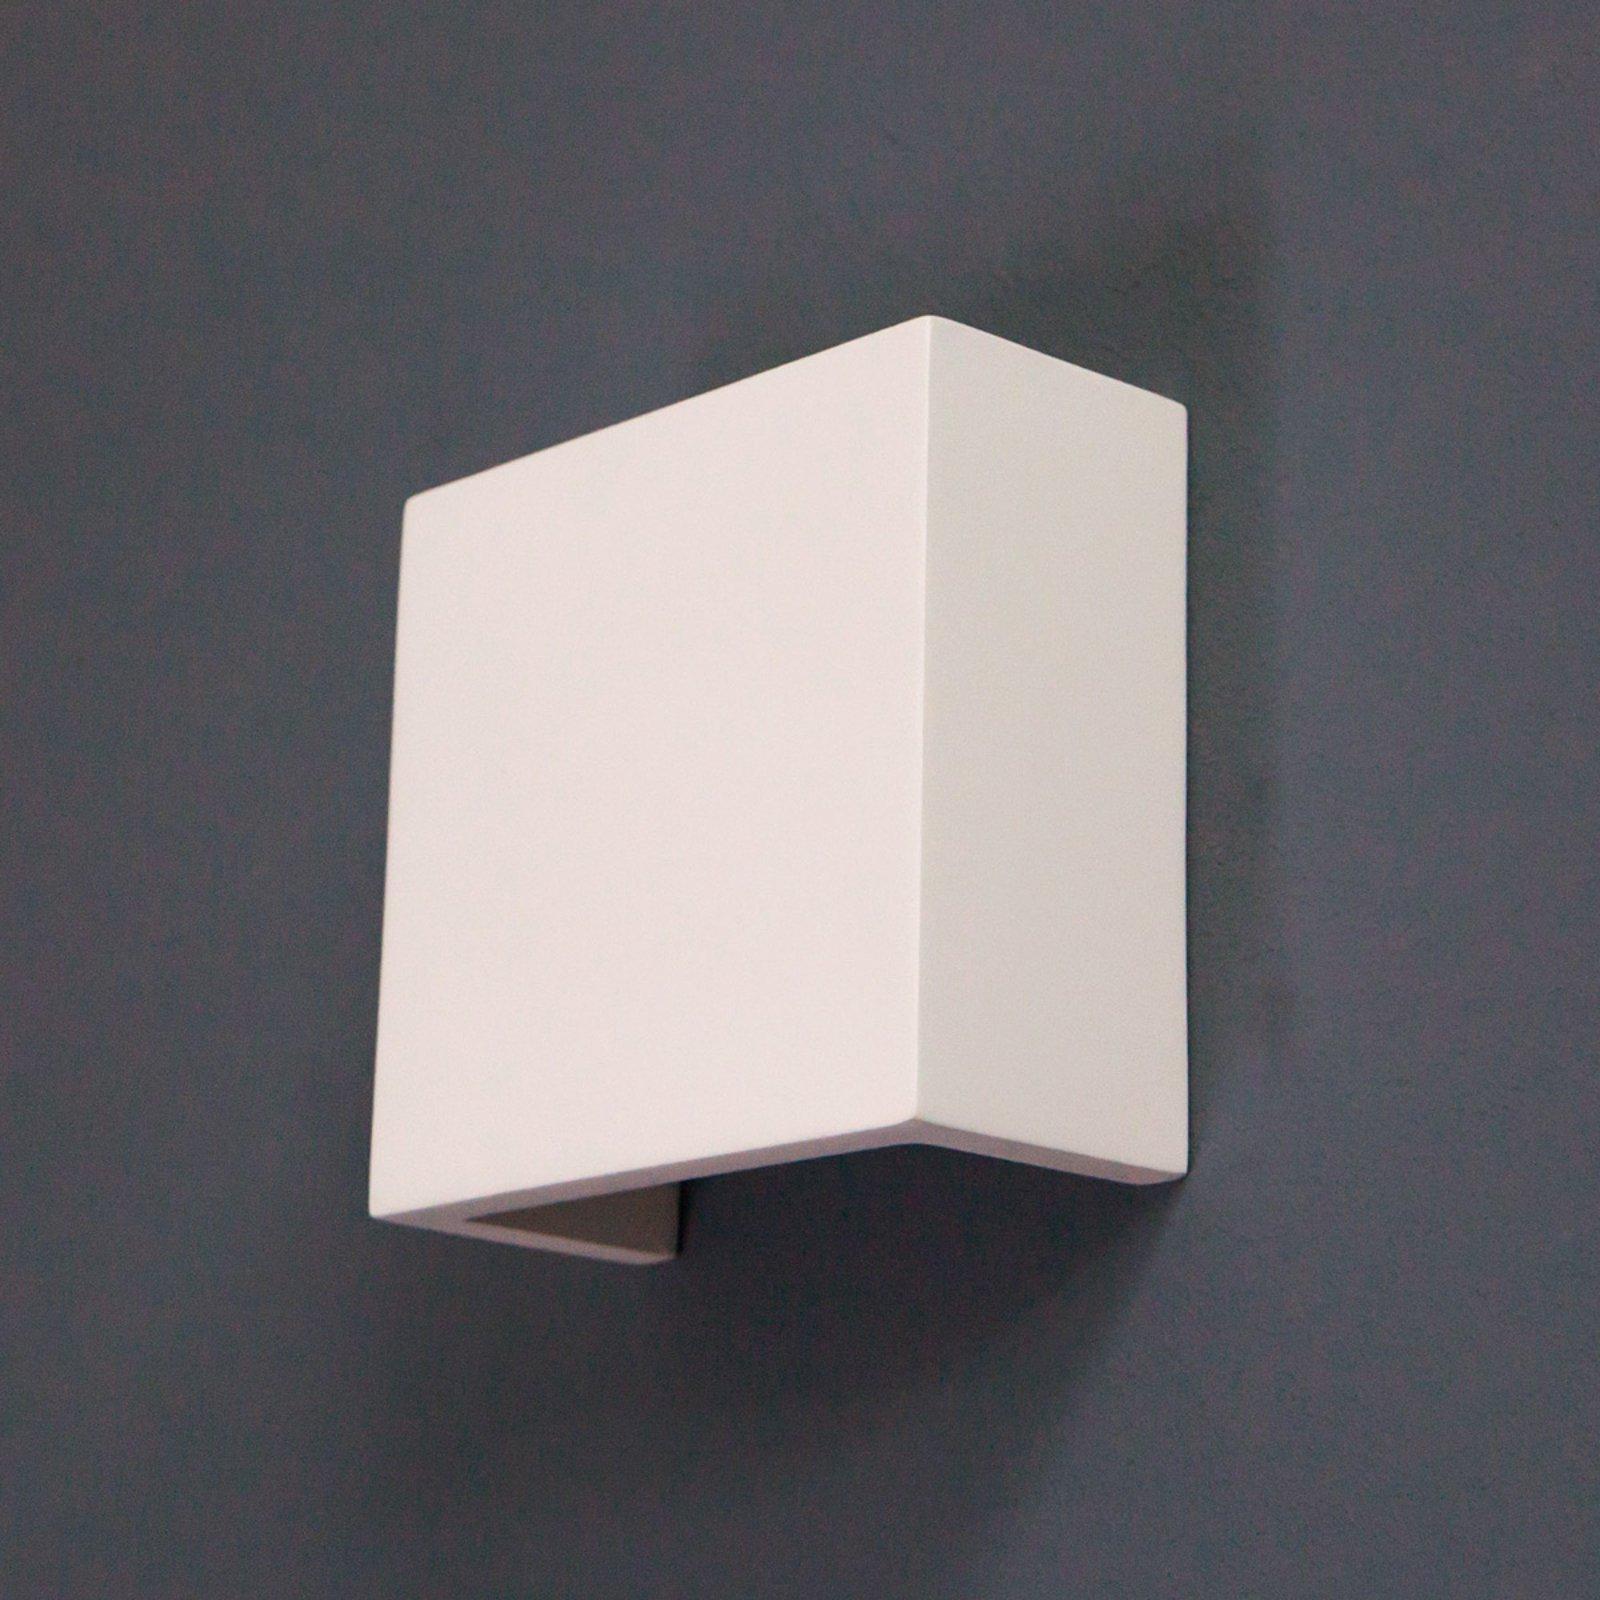 LED-vegglampe Fabiola av gips, 12,5 cm høy